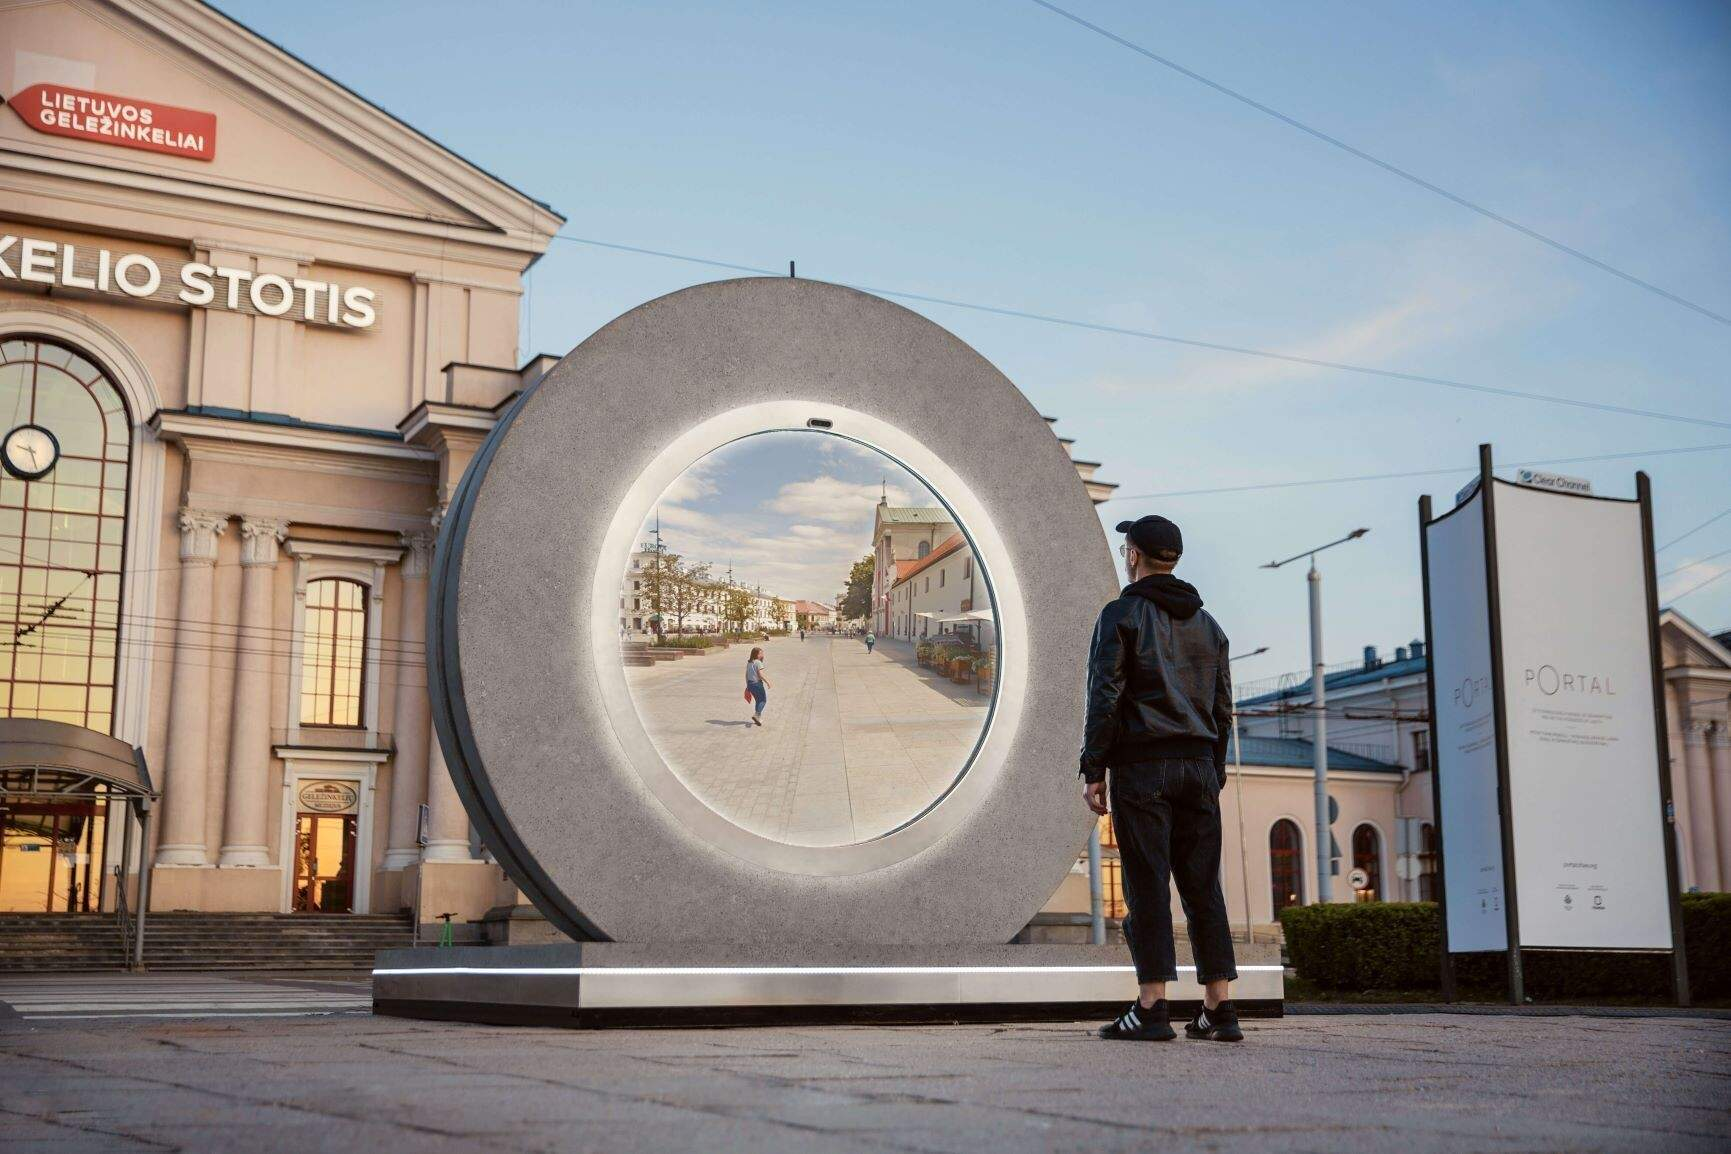 Фантастика стає реальністю: у Польщі та Литві побудували віртуальний портал між столицями